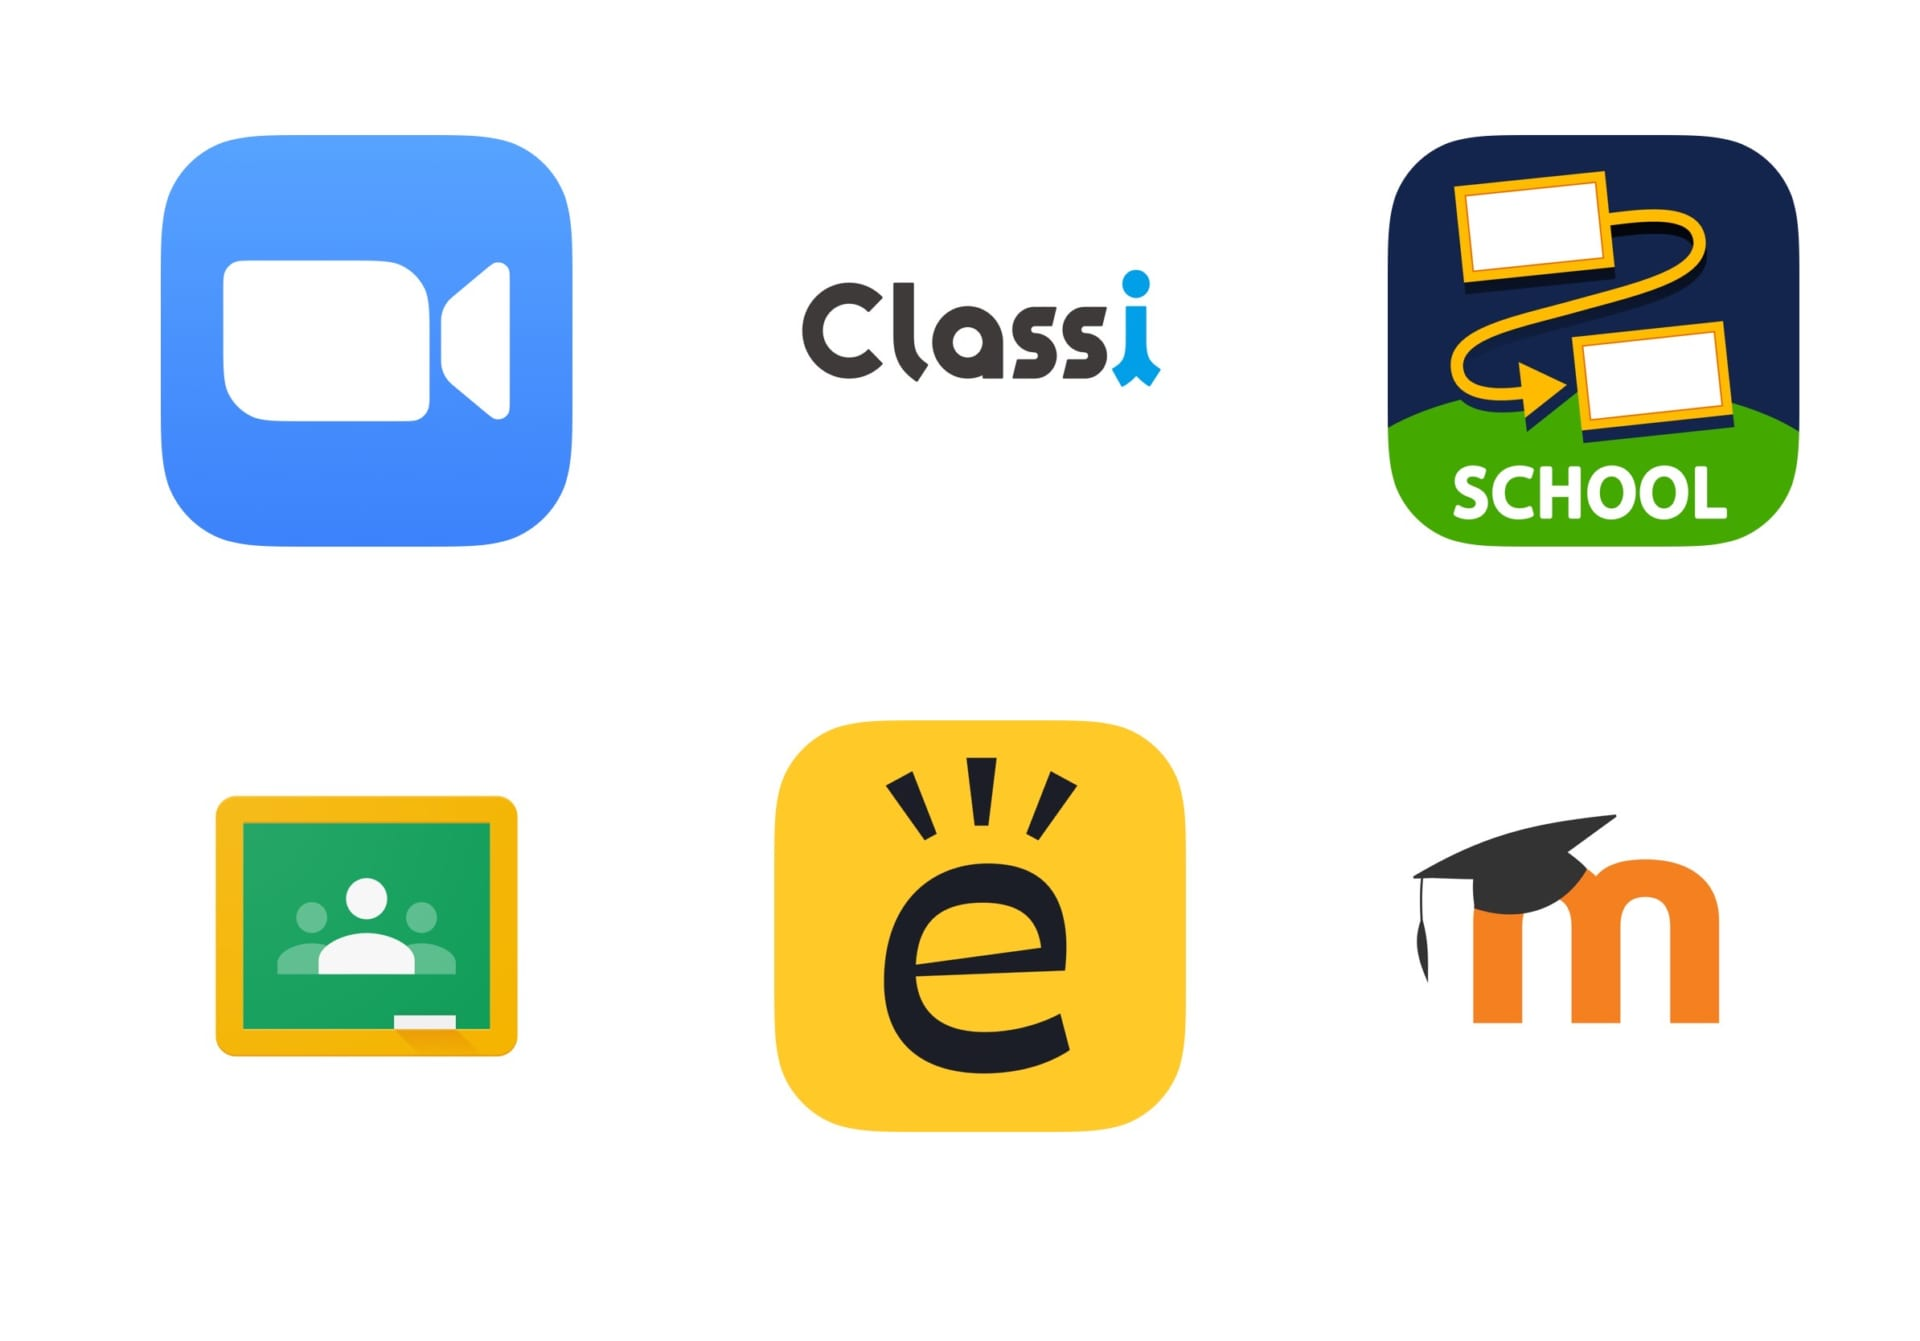 オンライン授業に利用できる、おすすめのサービスをまとめました